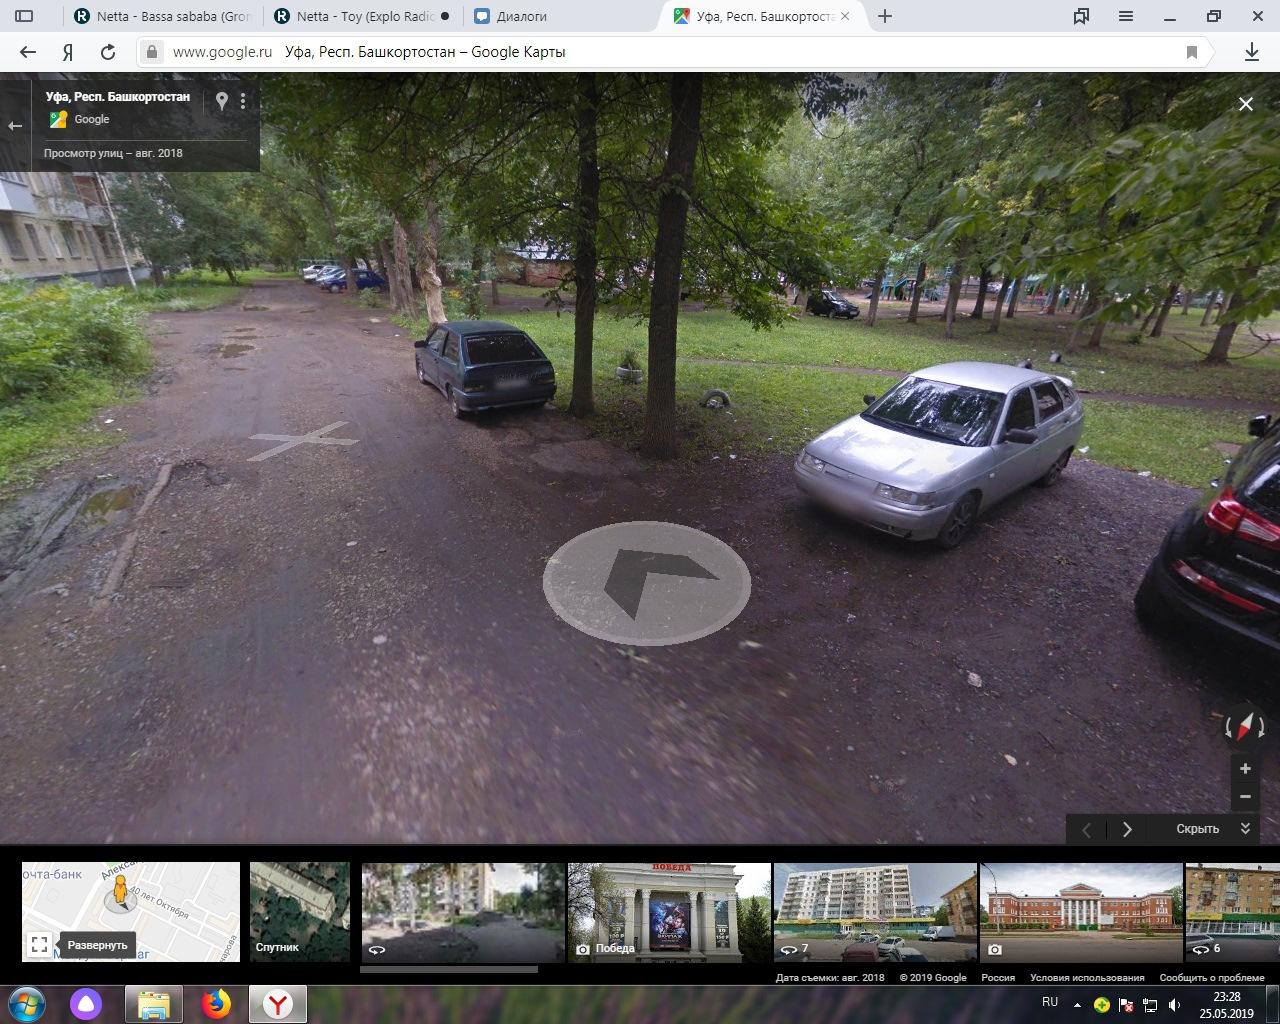 гугл карты с фотографиями улиц нужно плеч